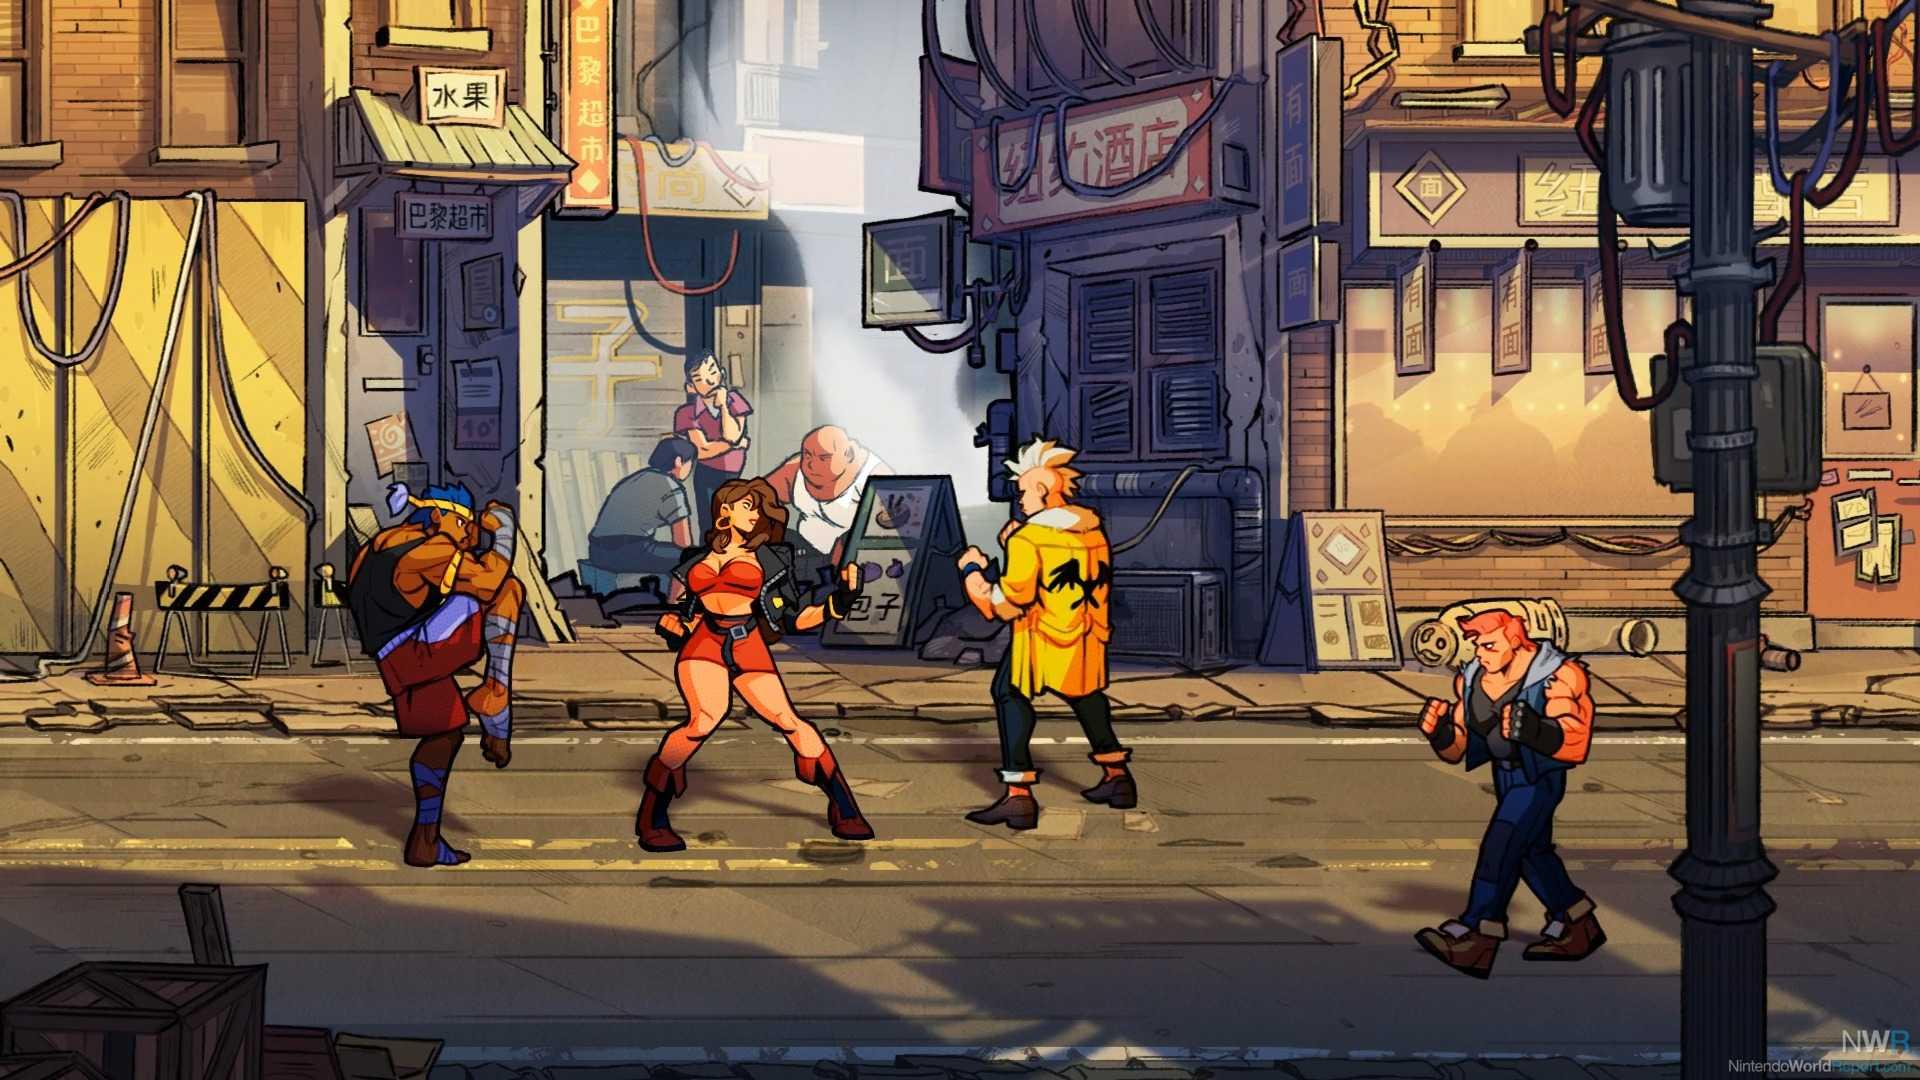 Streets Of Rage 4 Lands Erscheinungsdatum 30. April